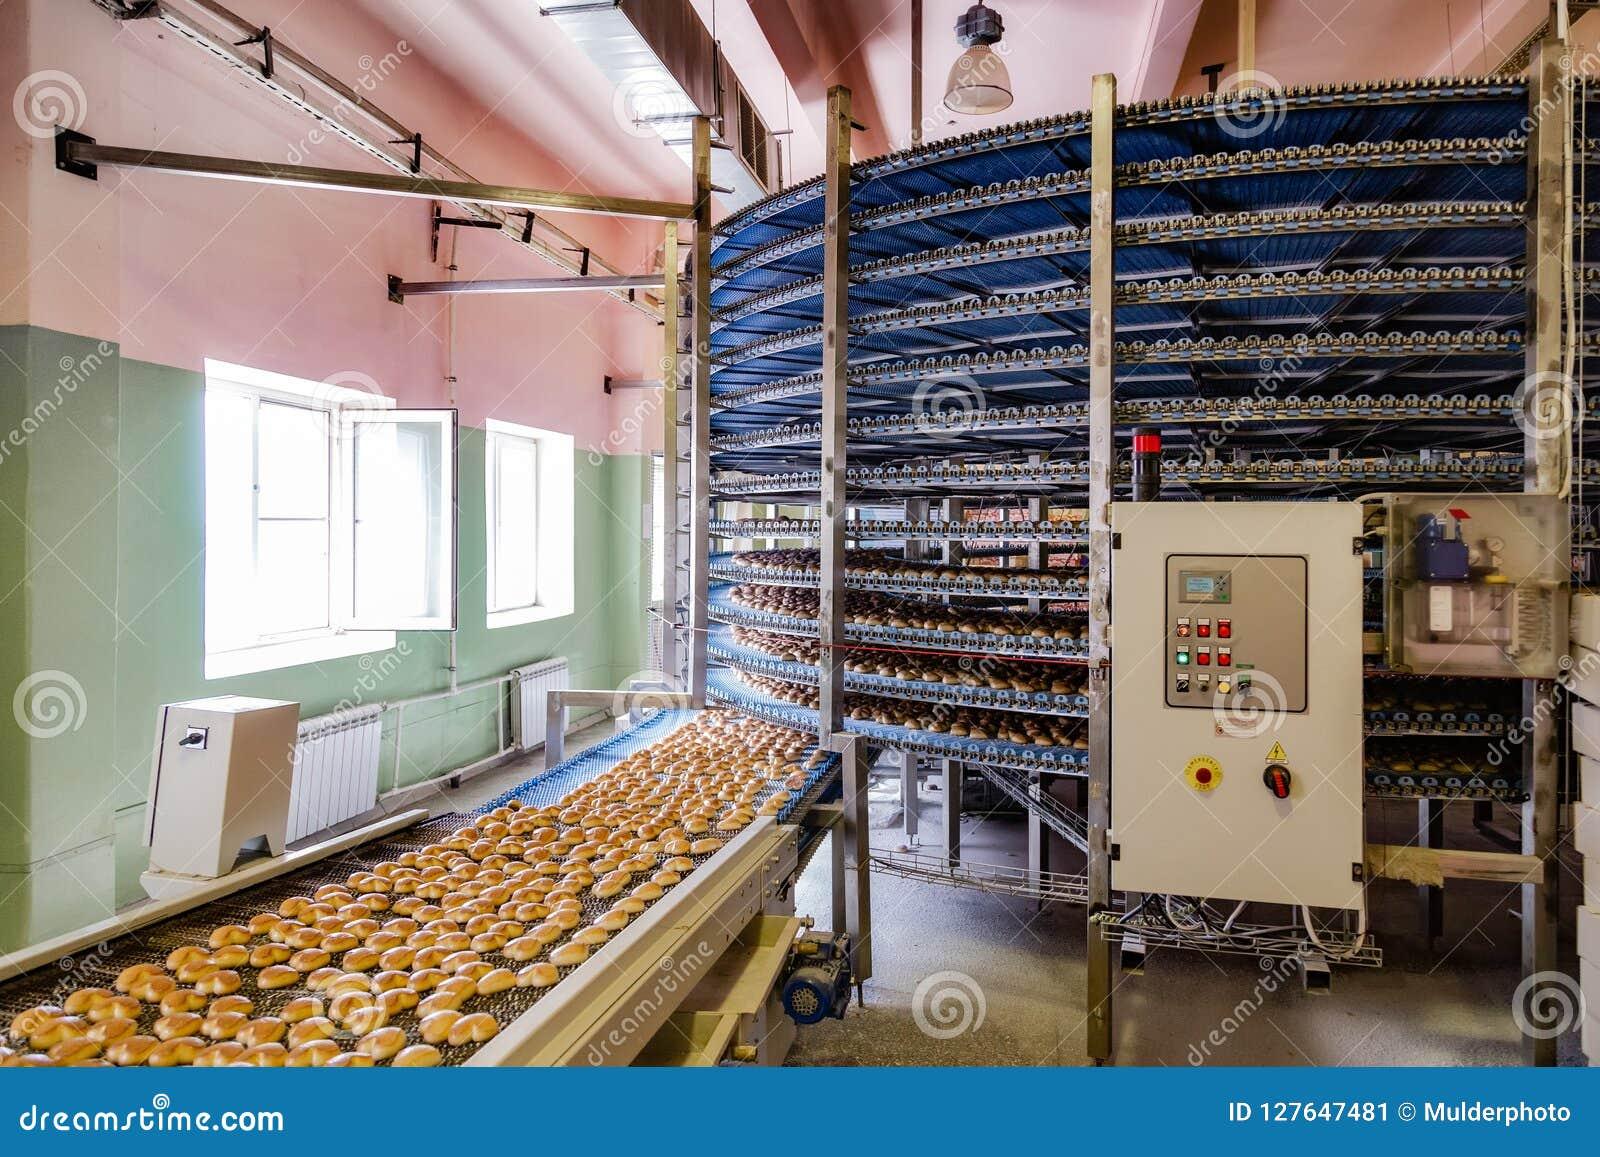 Αυτοματοποιημένος γύρω από τη μηχανή μεταφορέων στη γραμμή παραγωγής εργοστασίων, μπισκότων και κέικ τροφίμων αρτοποιείων